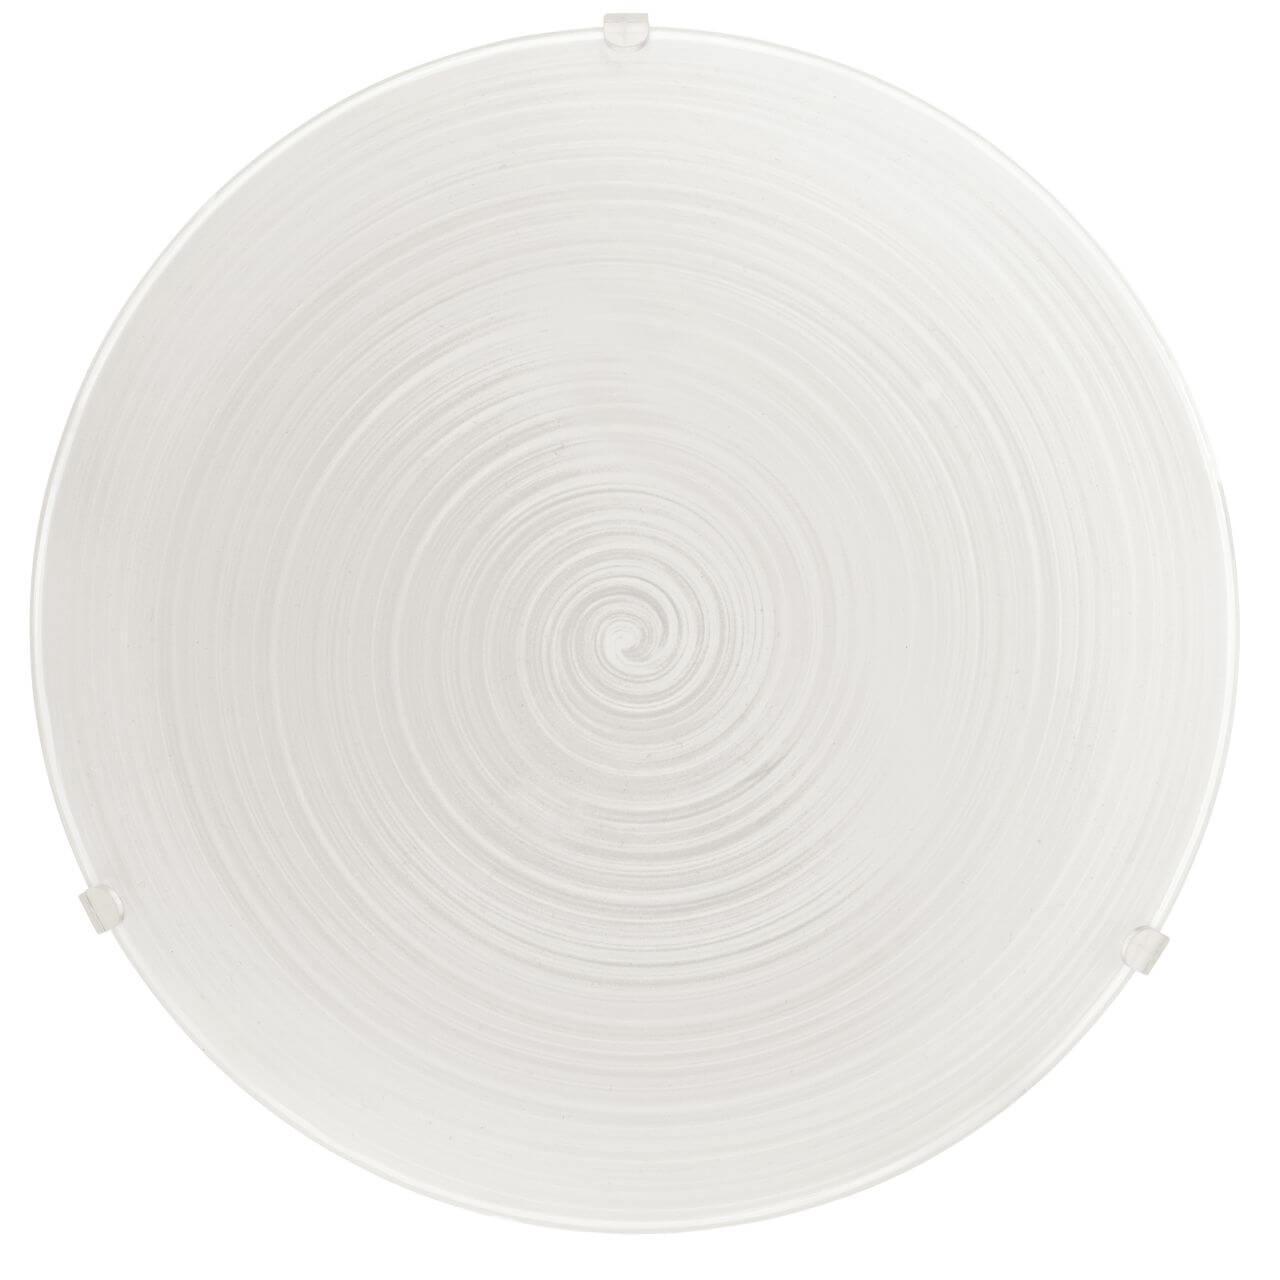 Настенно-потолочный светильник Eglo 90015, бежевый eglo потолочный светильник eglo malva 90014